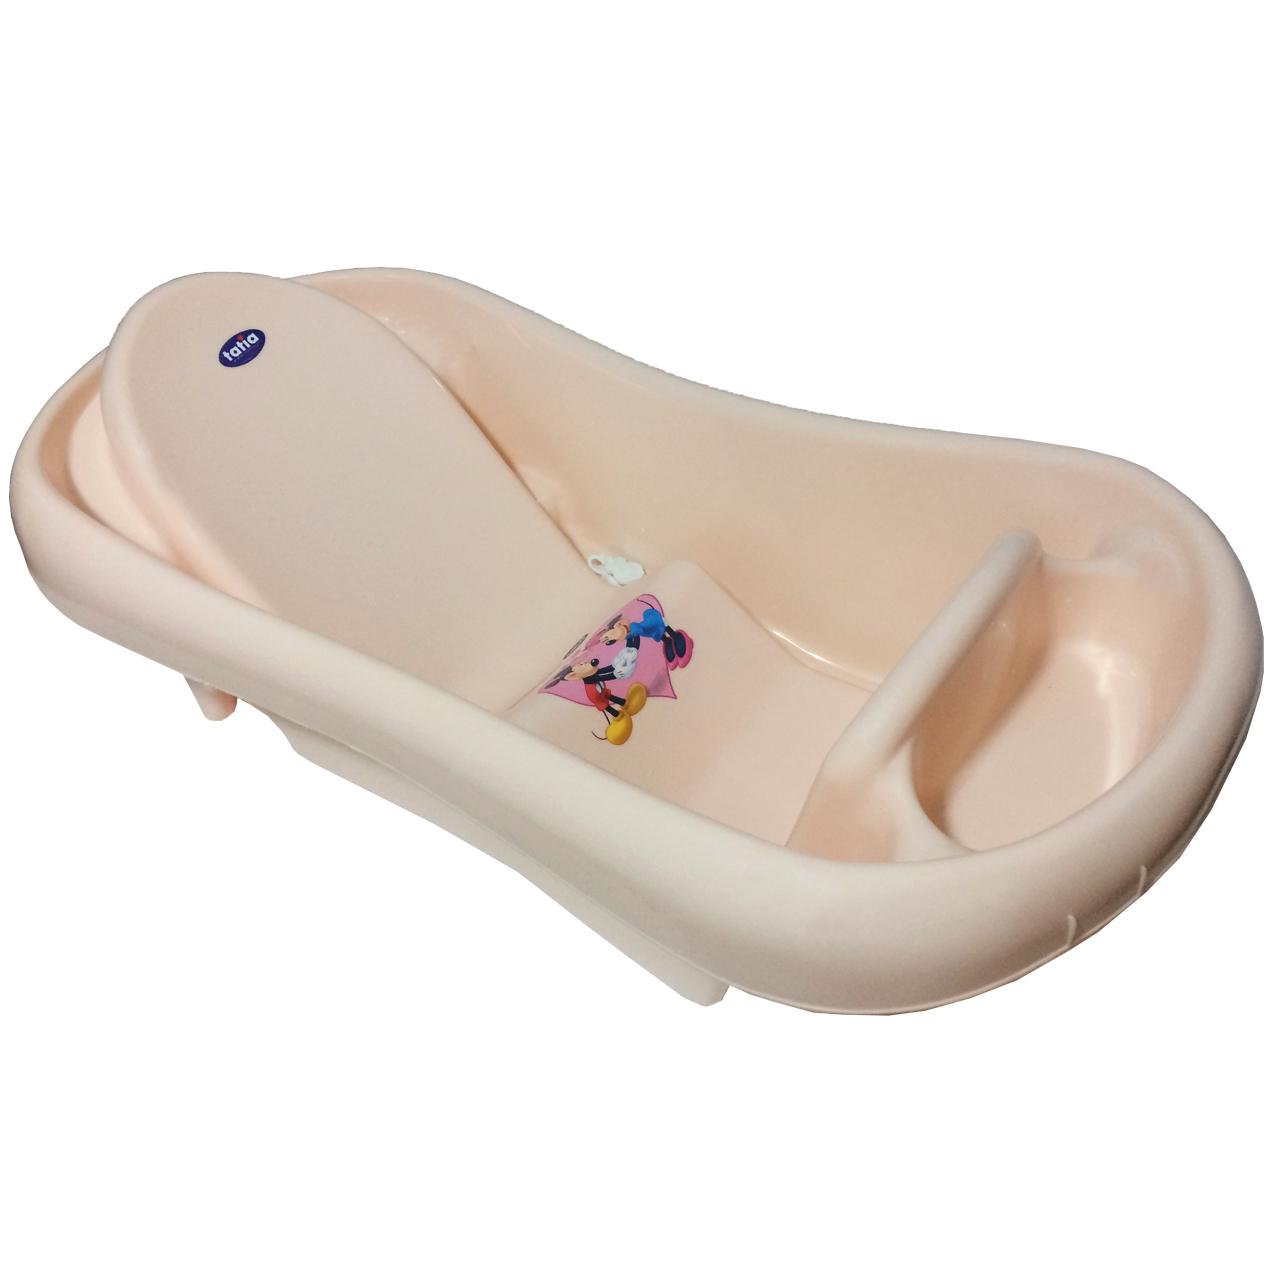 وان حمام کودک تاتیا مدل PK-H156